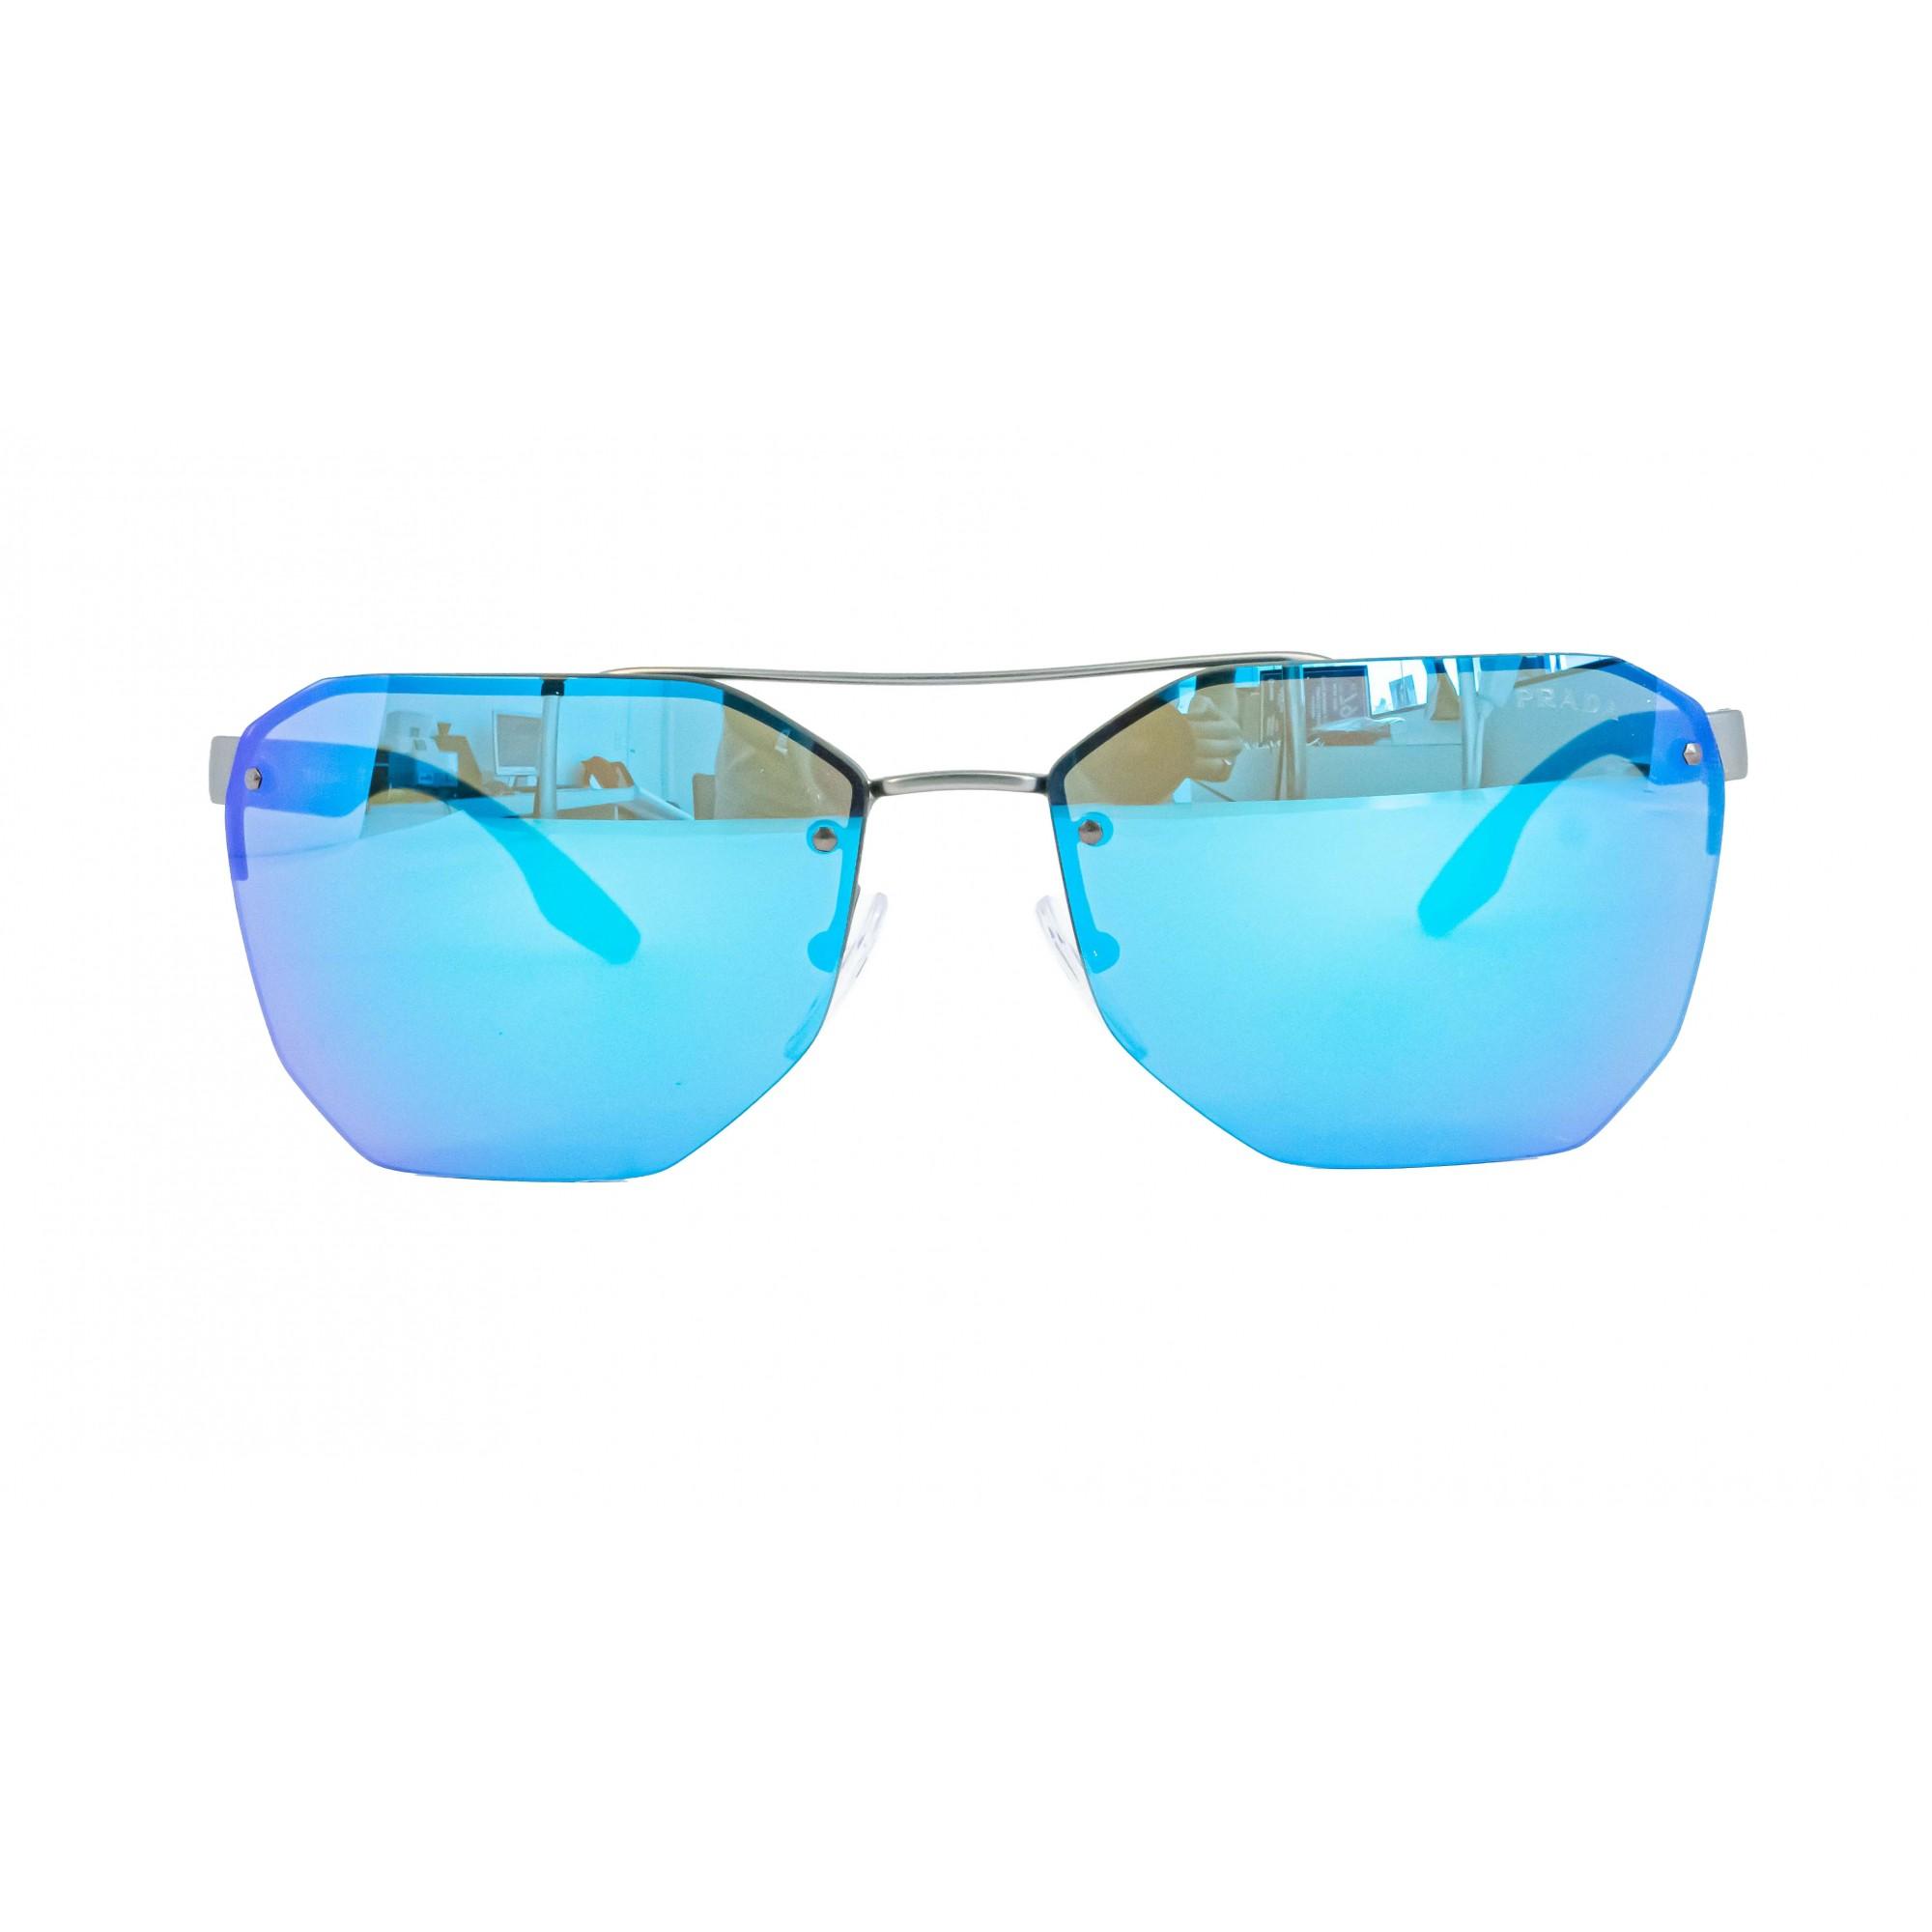 Óculos Prada Hexagonal Sps54v 7cq5m2 63 Preto